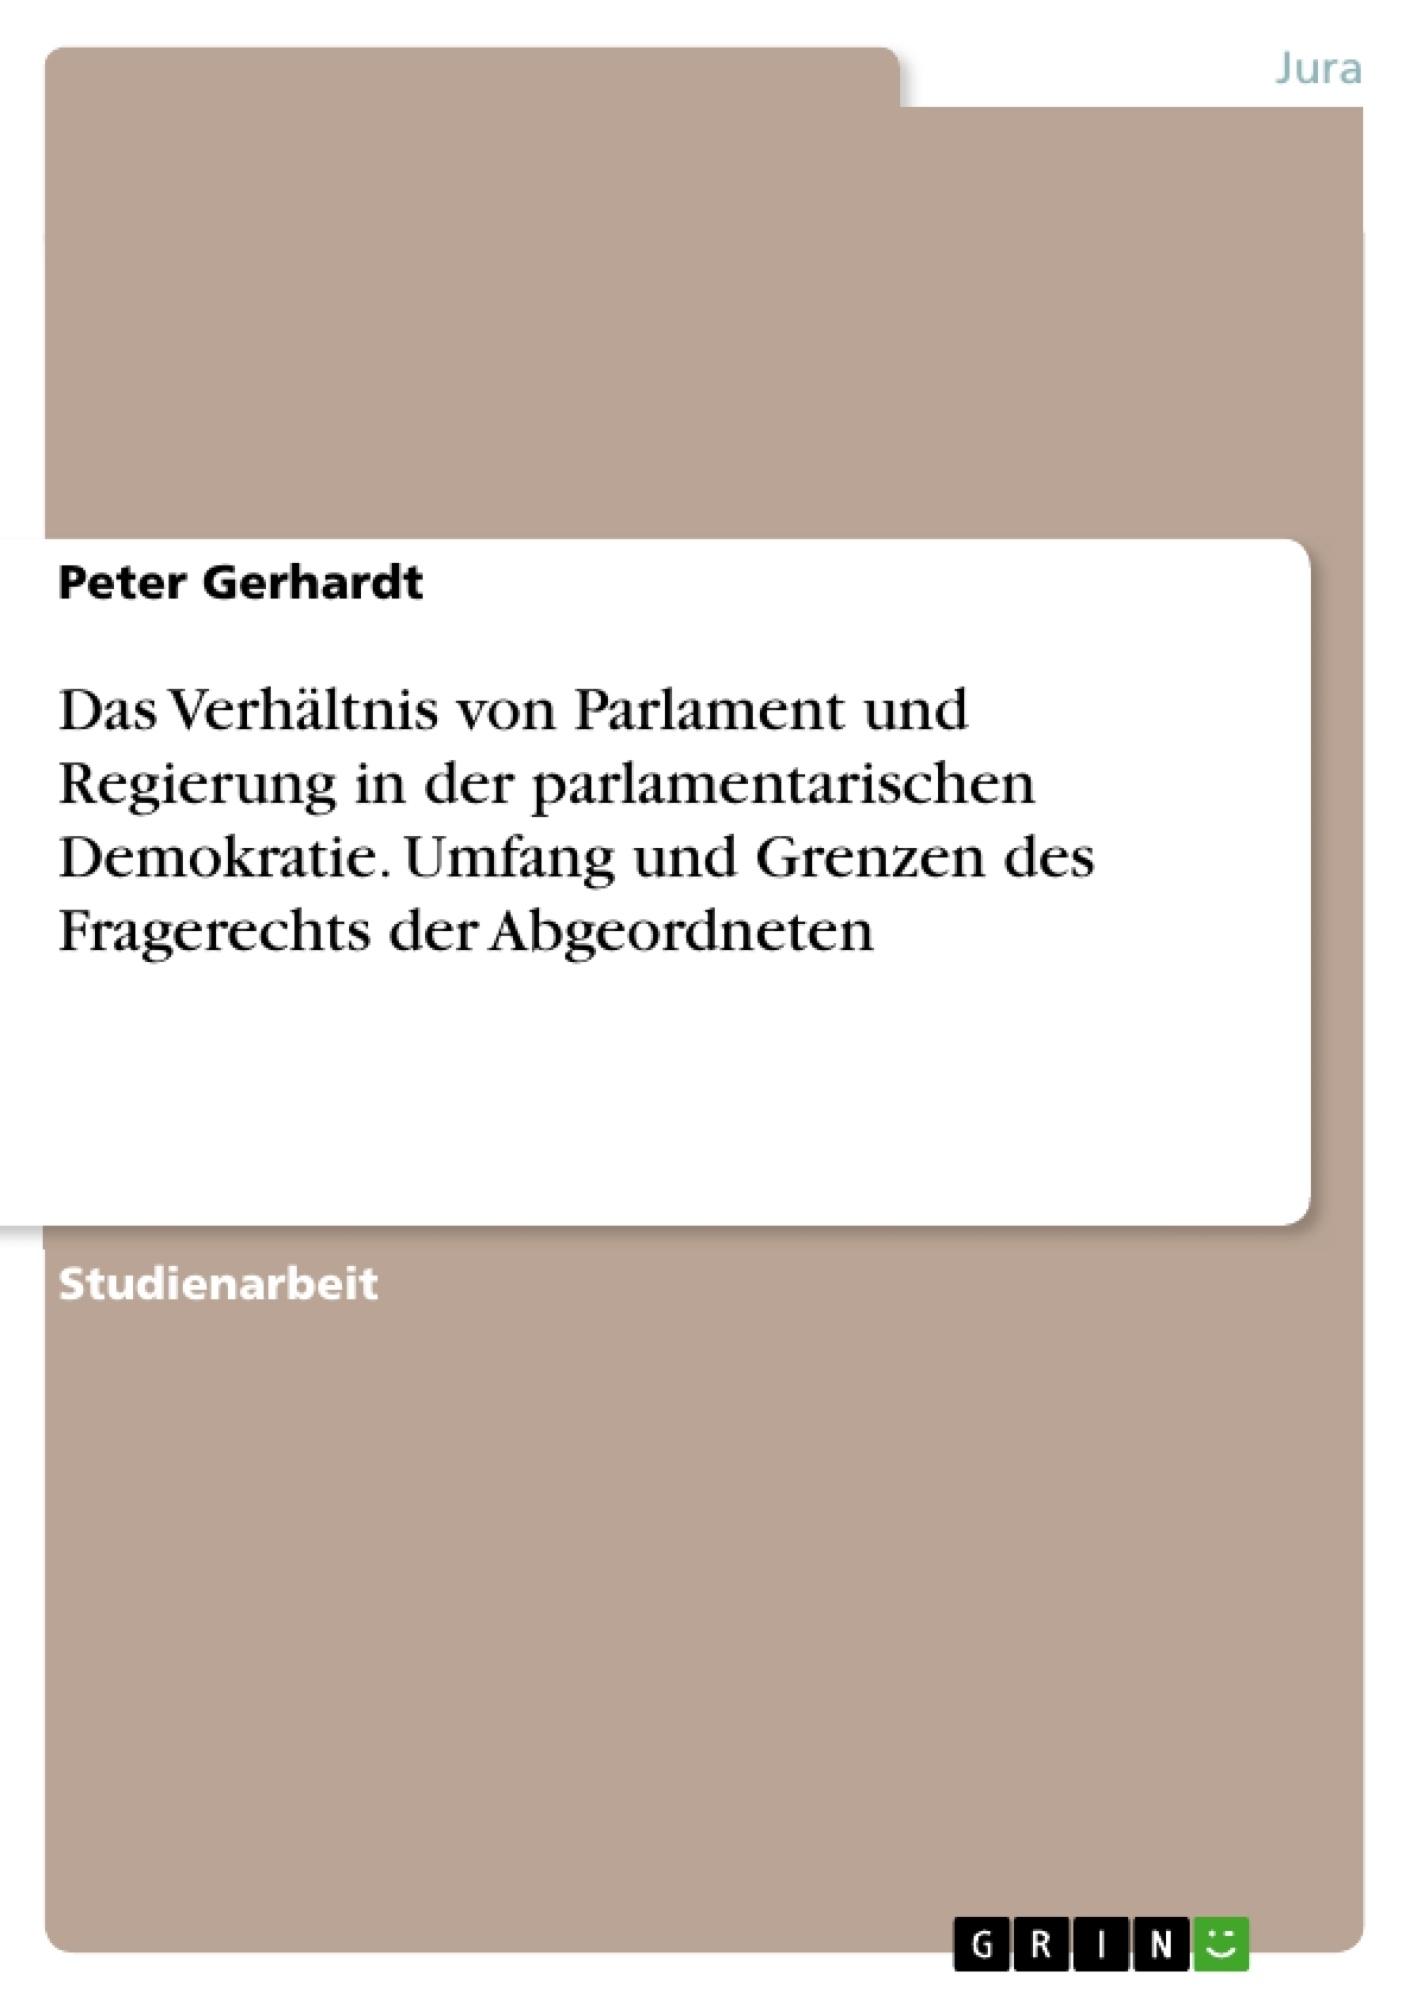 Titel: Das Verhältnis von Parlament und Regierung in der parlamentarischen Demokratie. Umfang und Grenzen des Fragerechts der Abgeordneten